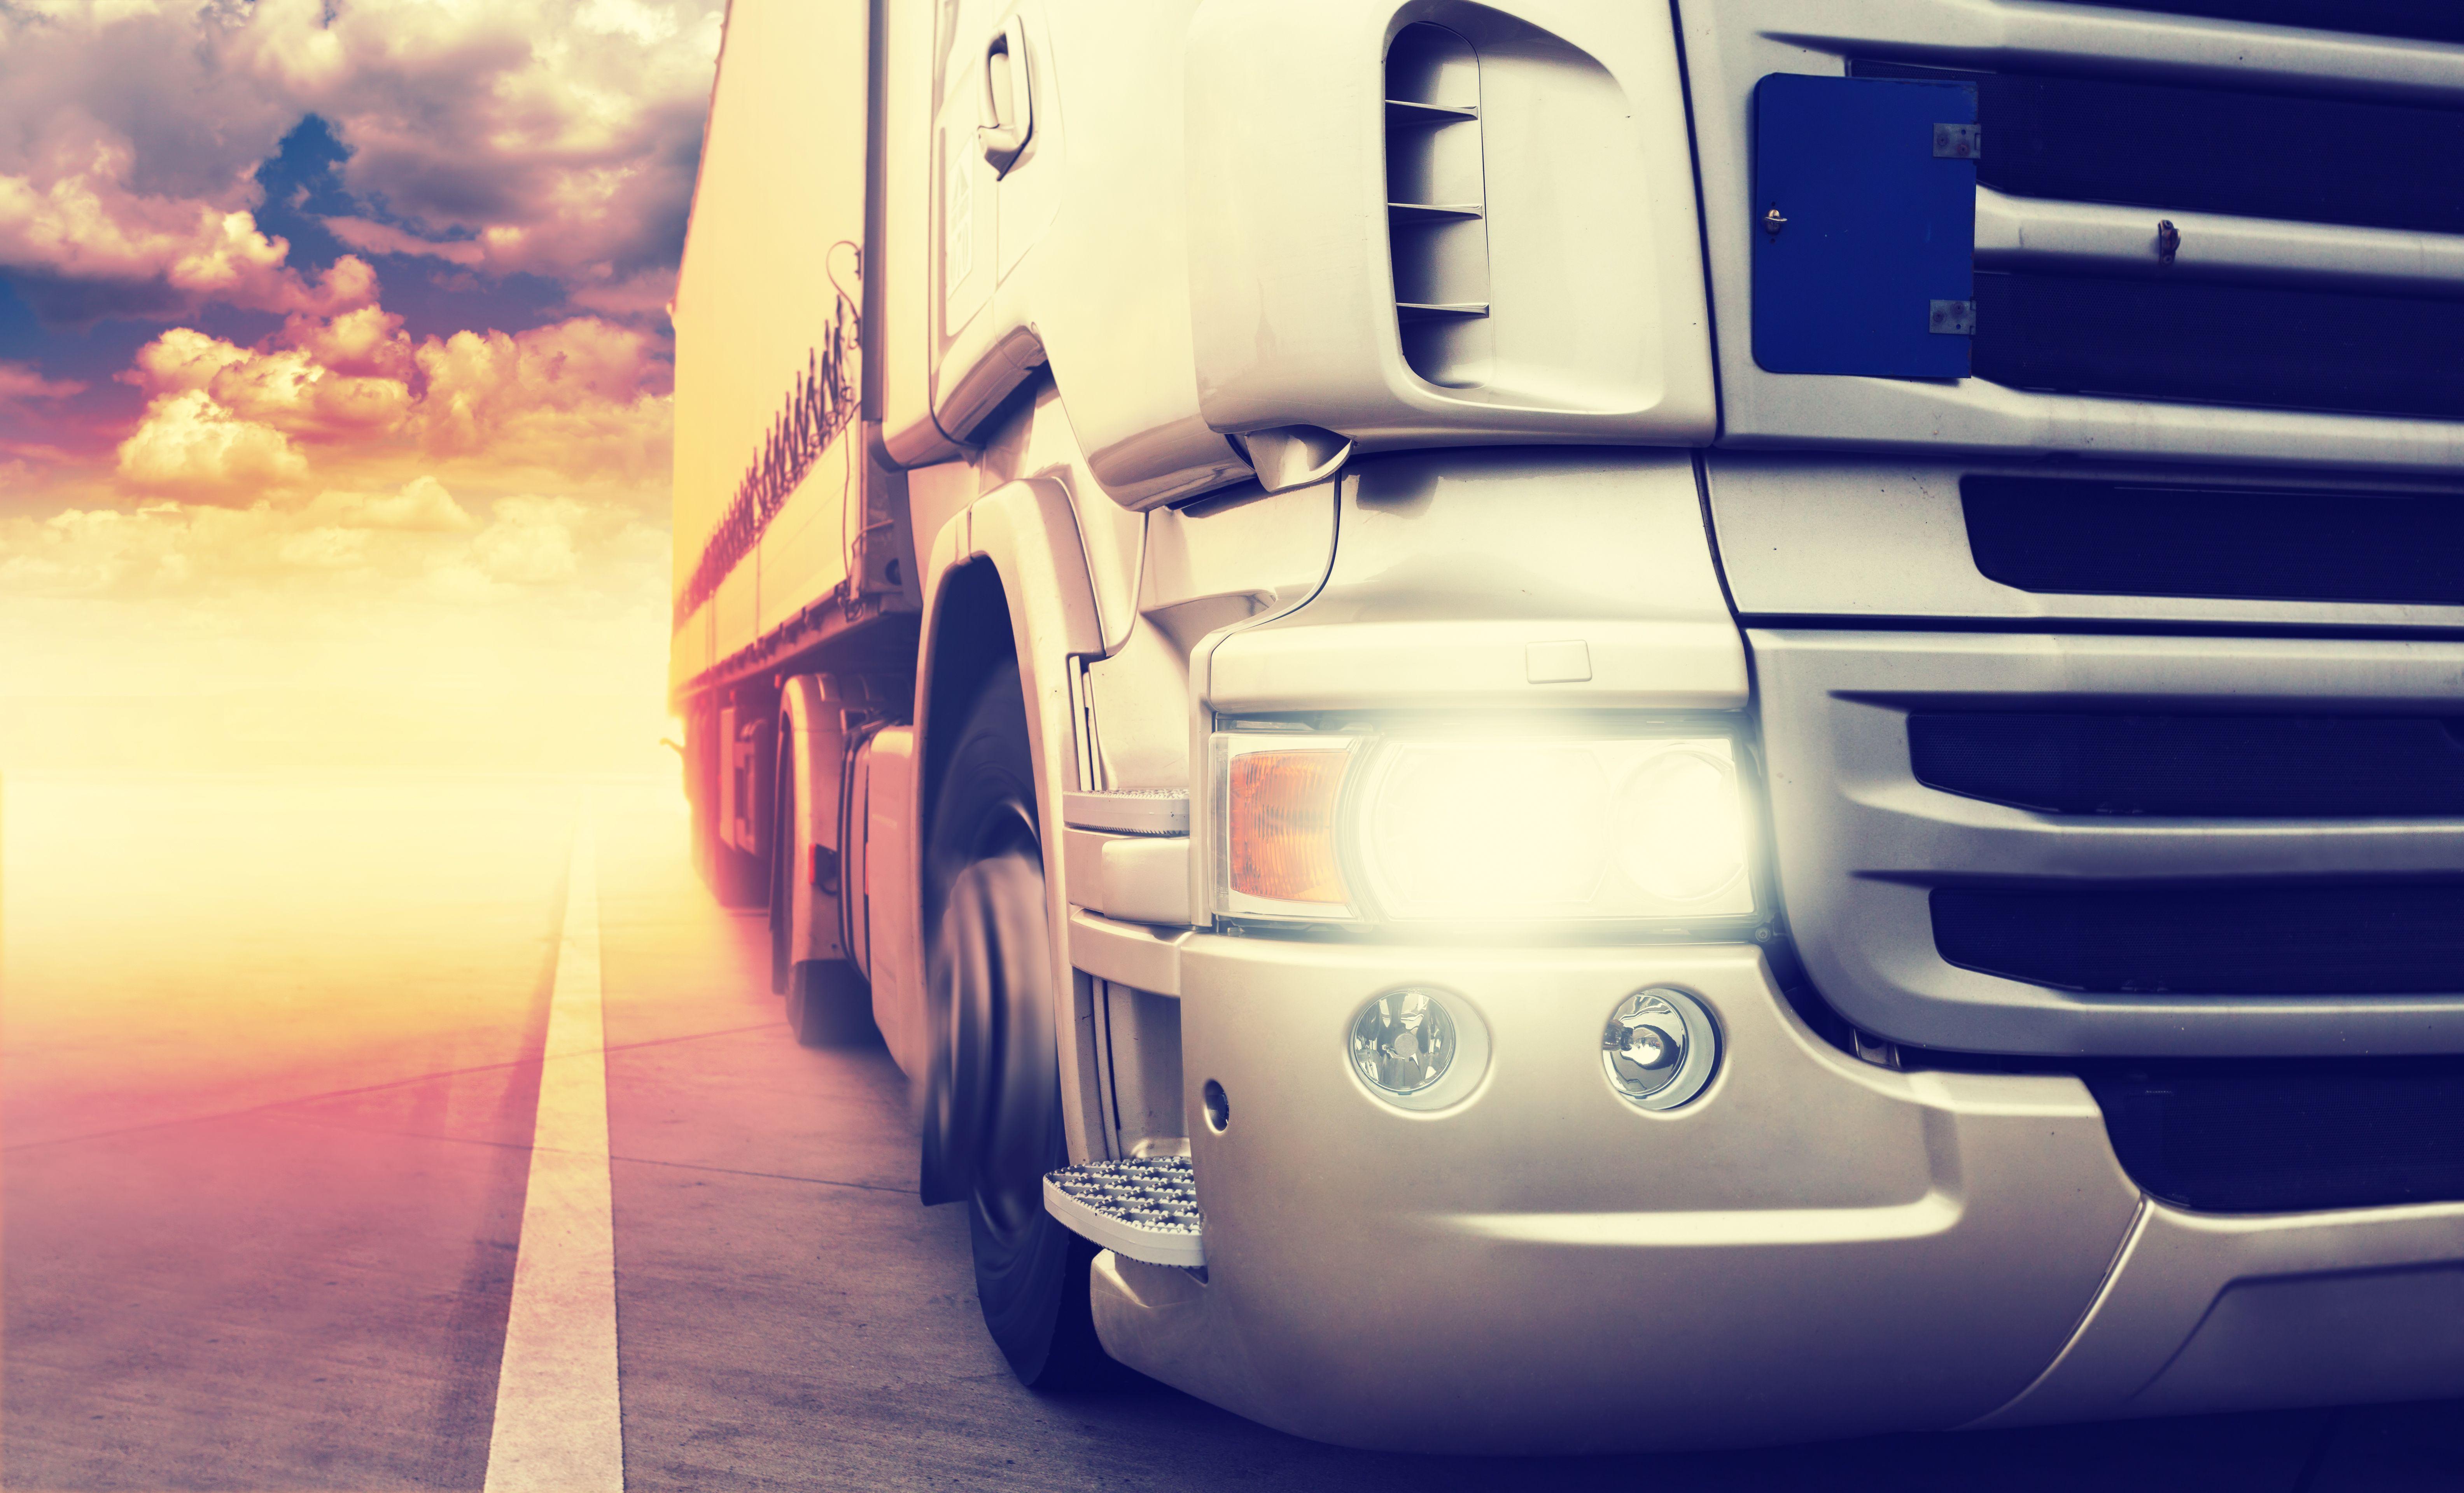 Servicio nacional e internacional: Servicios de Romar Logística 2012, S.L.